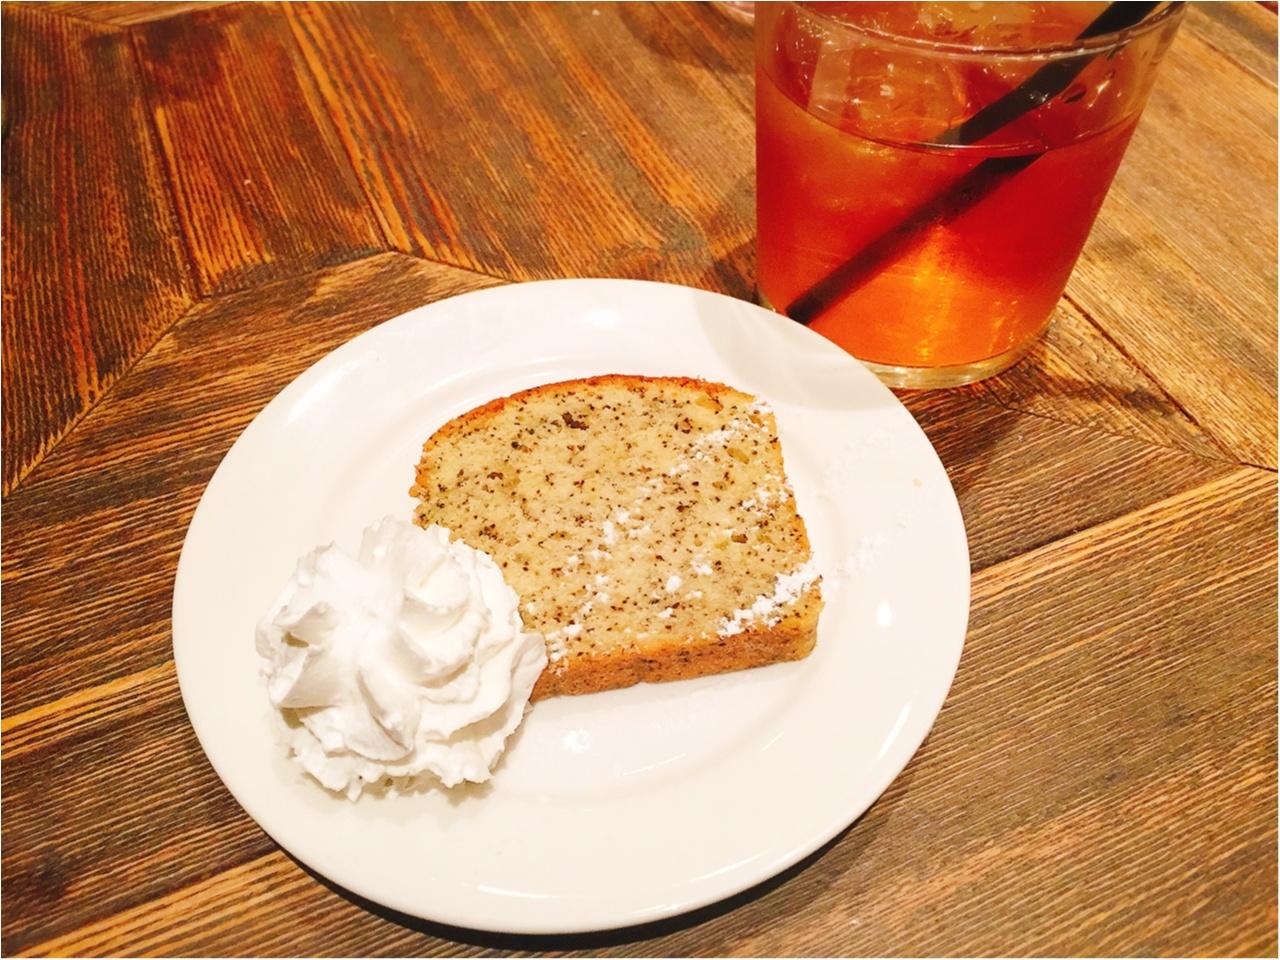 【東京の美味しいパン屋巡り】〜パン好き必見!『池袋・RACINES(ラシーヌ)』のパンがメインの休日ランチ〜_6